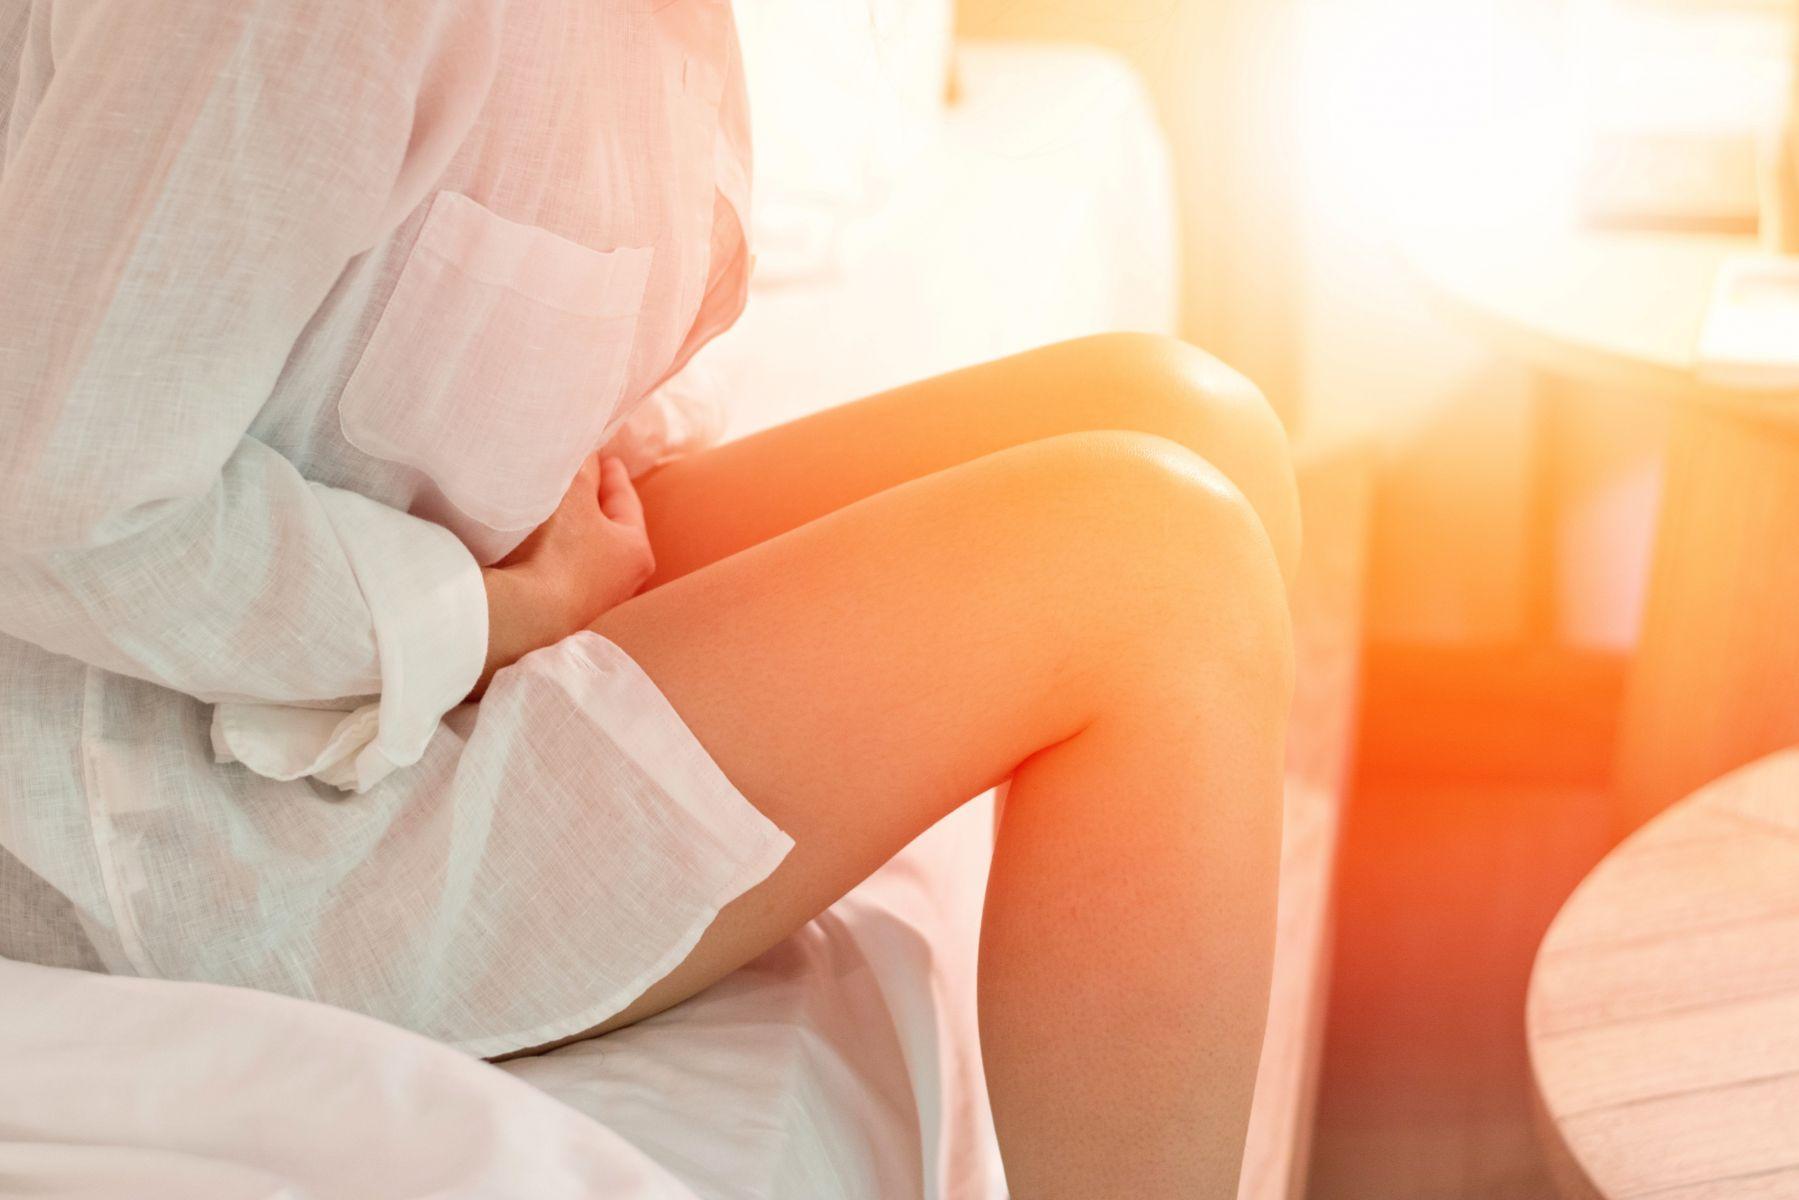 這7種大便狀態很危險!名中醫提醒:便秘是大腸癌禍首,女性們不能再忽略